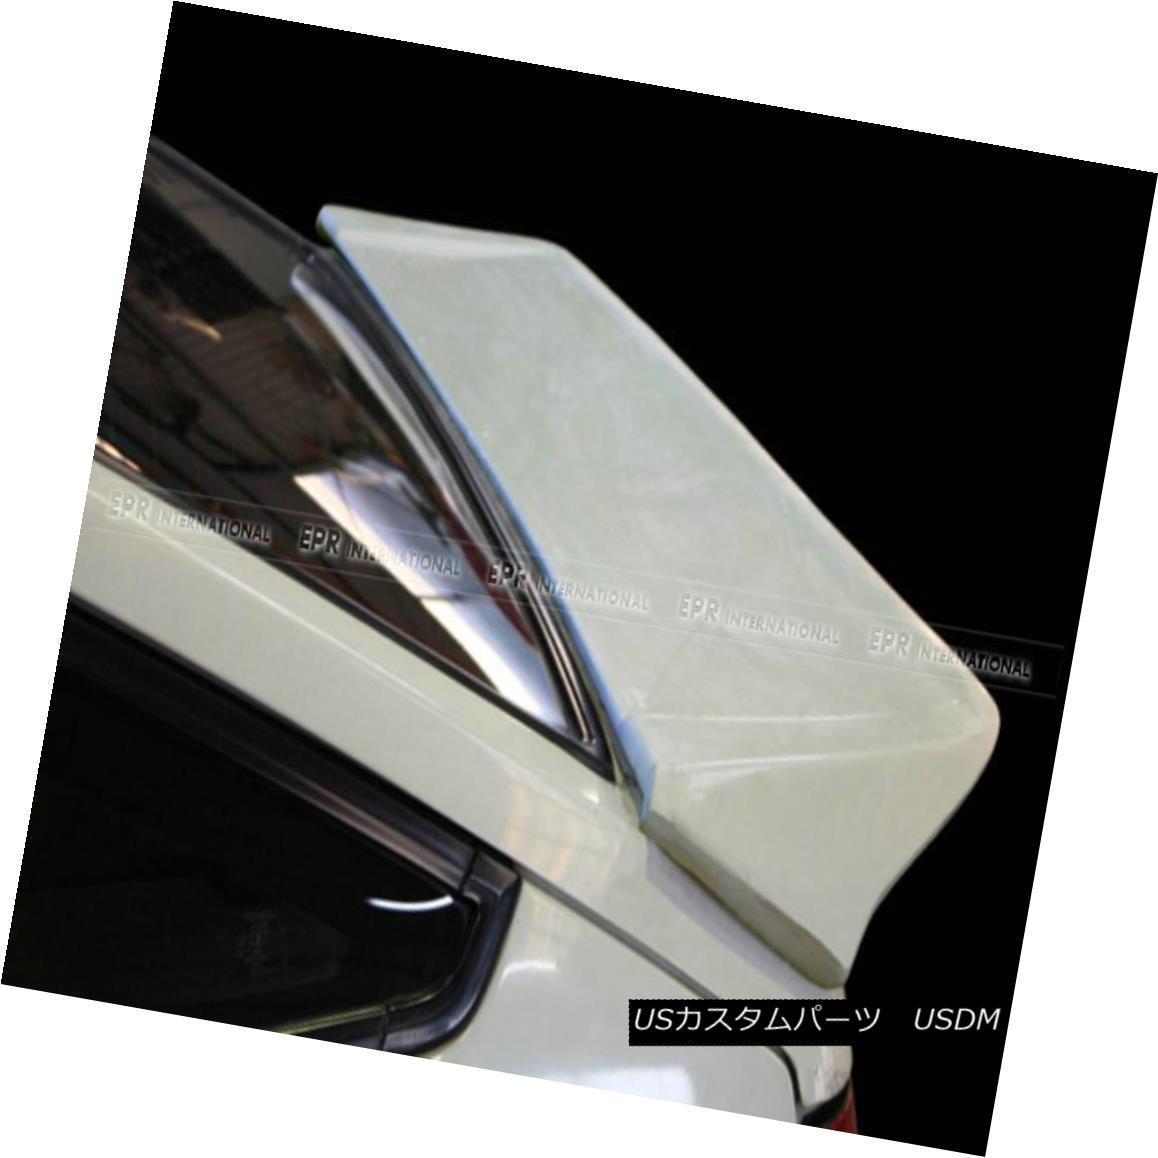 エアロパーツ ABC For AE86 Levin Corolla Hatchback Rear Trunk Spoiler Boot Wing DM Type FRP ABC For AE86レビンカローラハッチバックリアトランクスポイラーブーツウィングDMタイプFRP